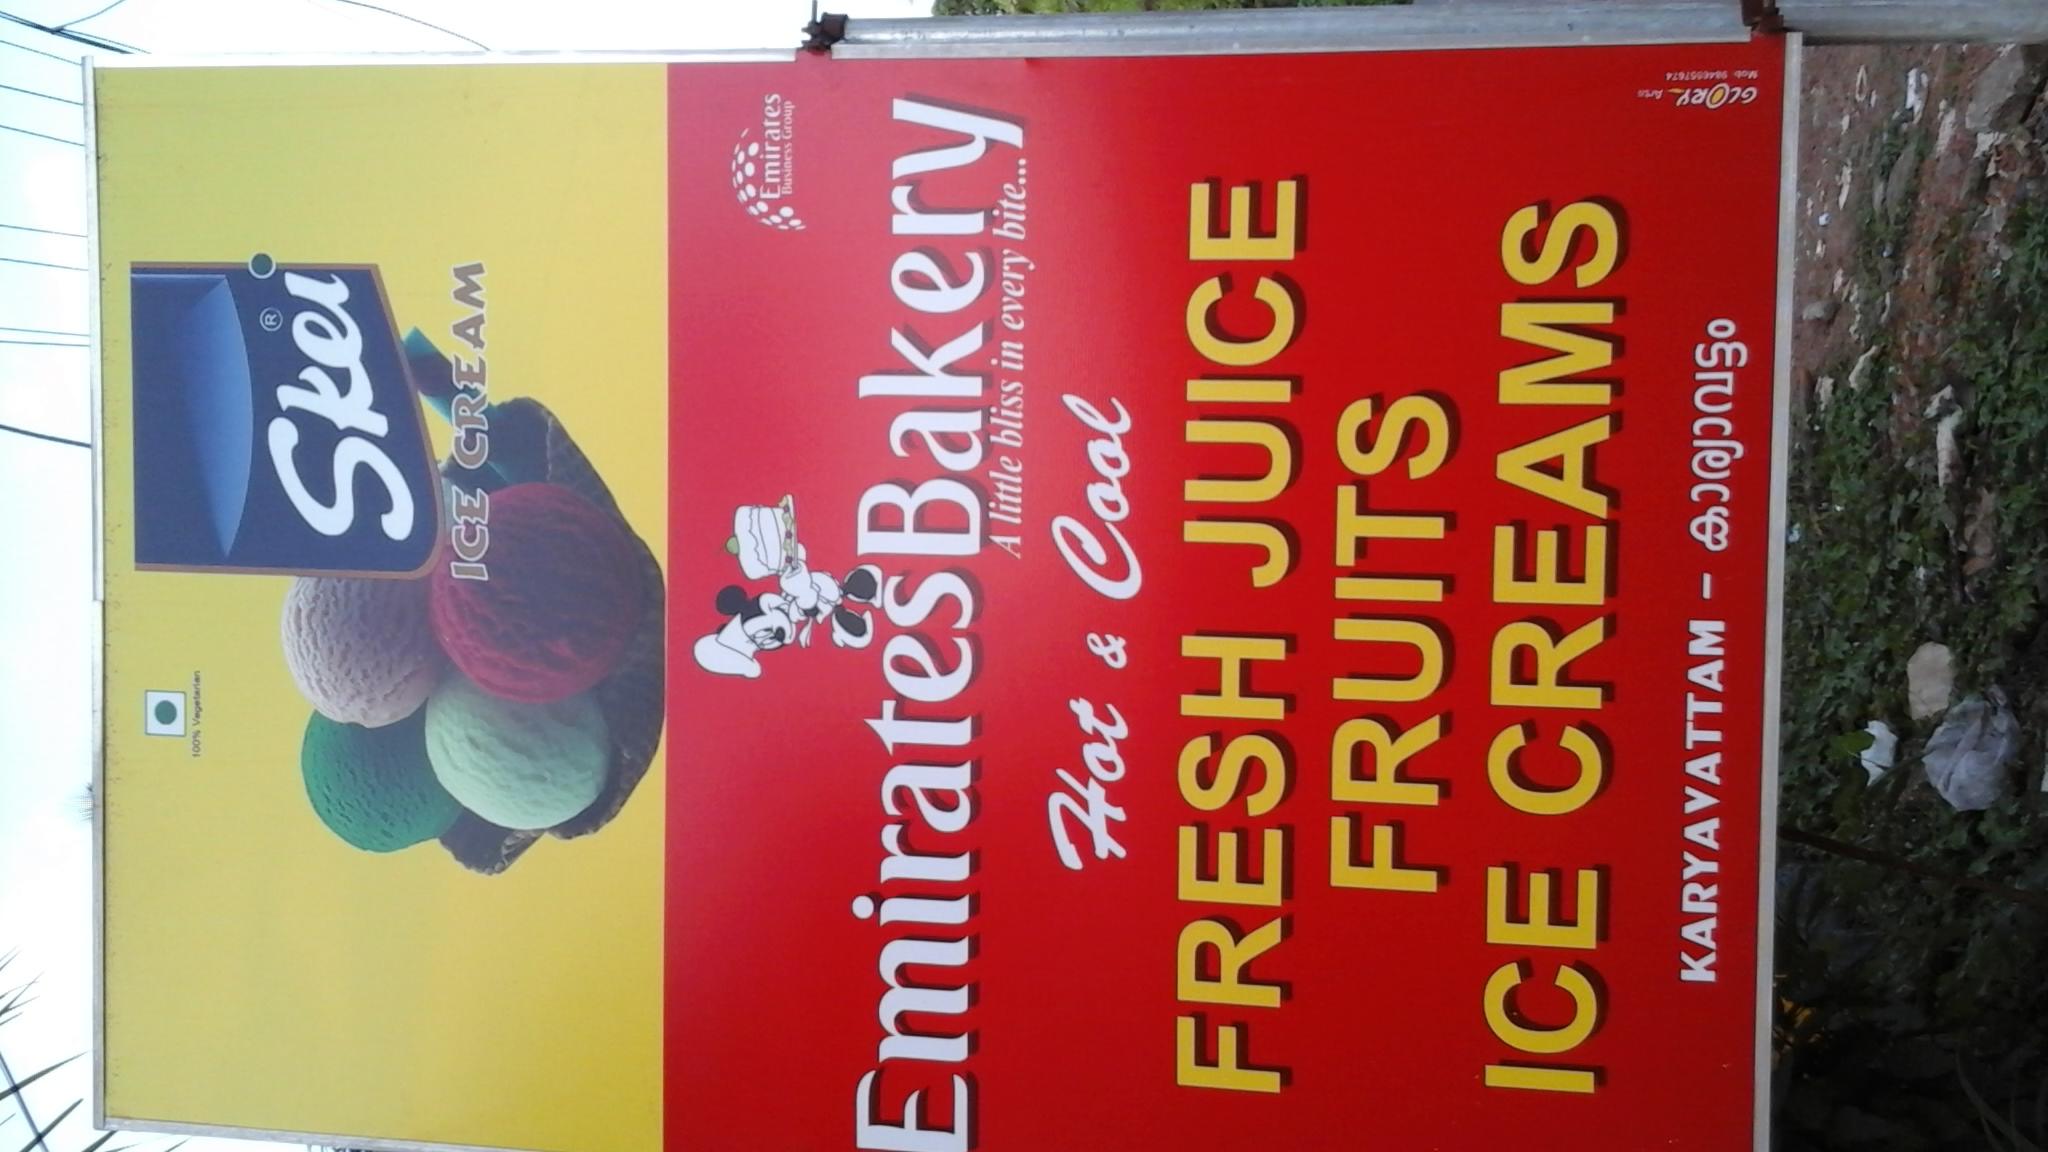 Emirates bakery